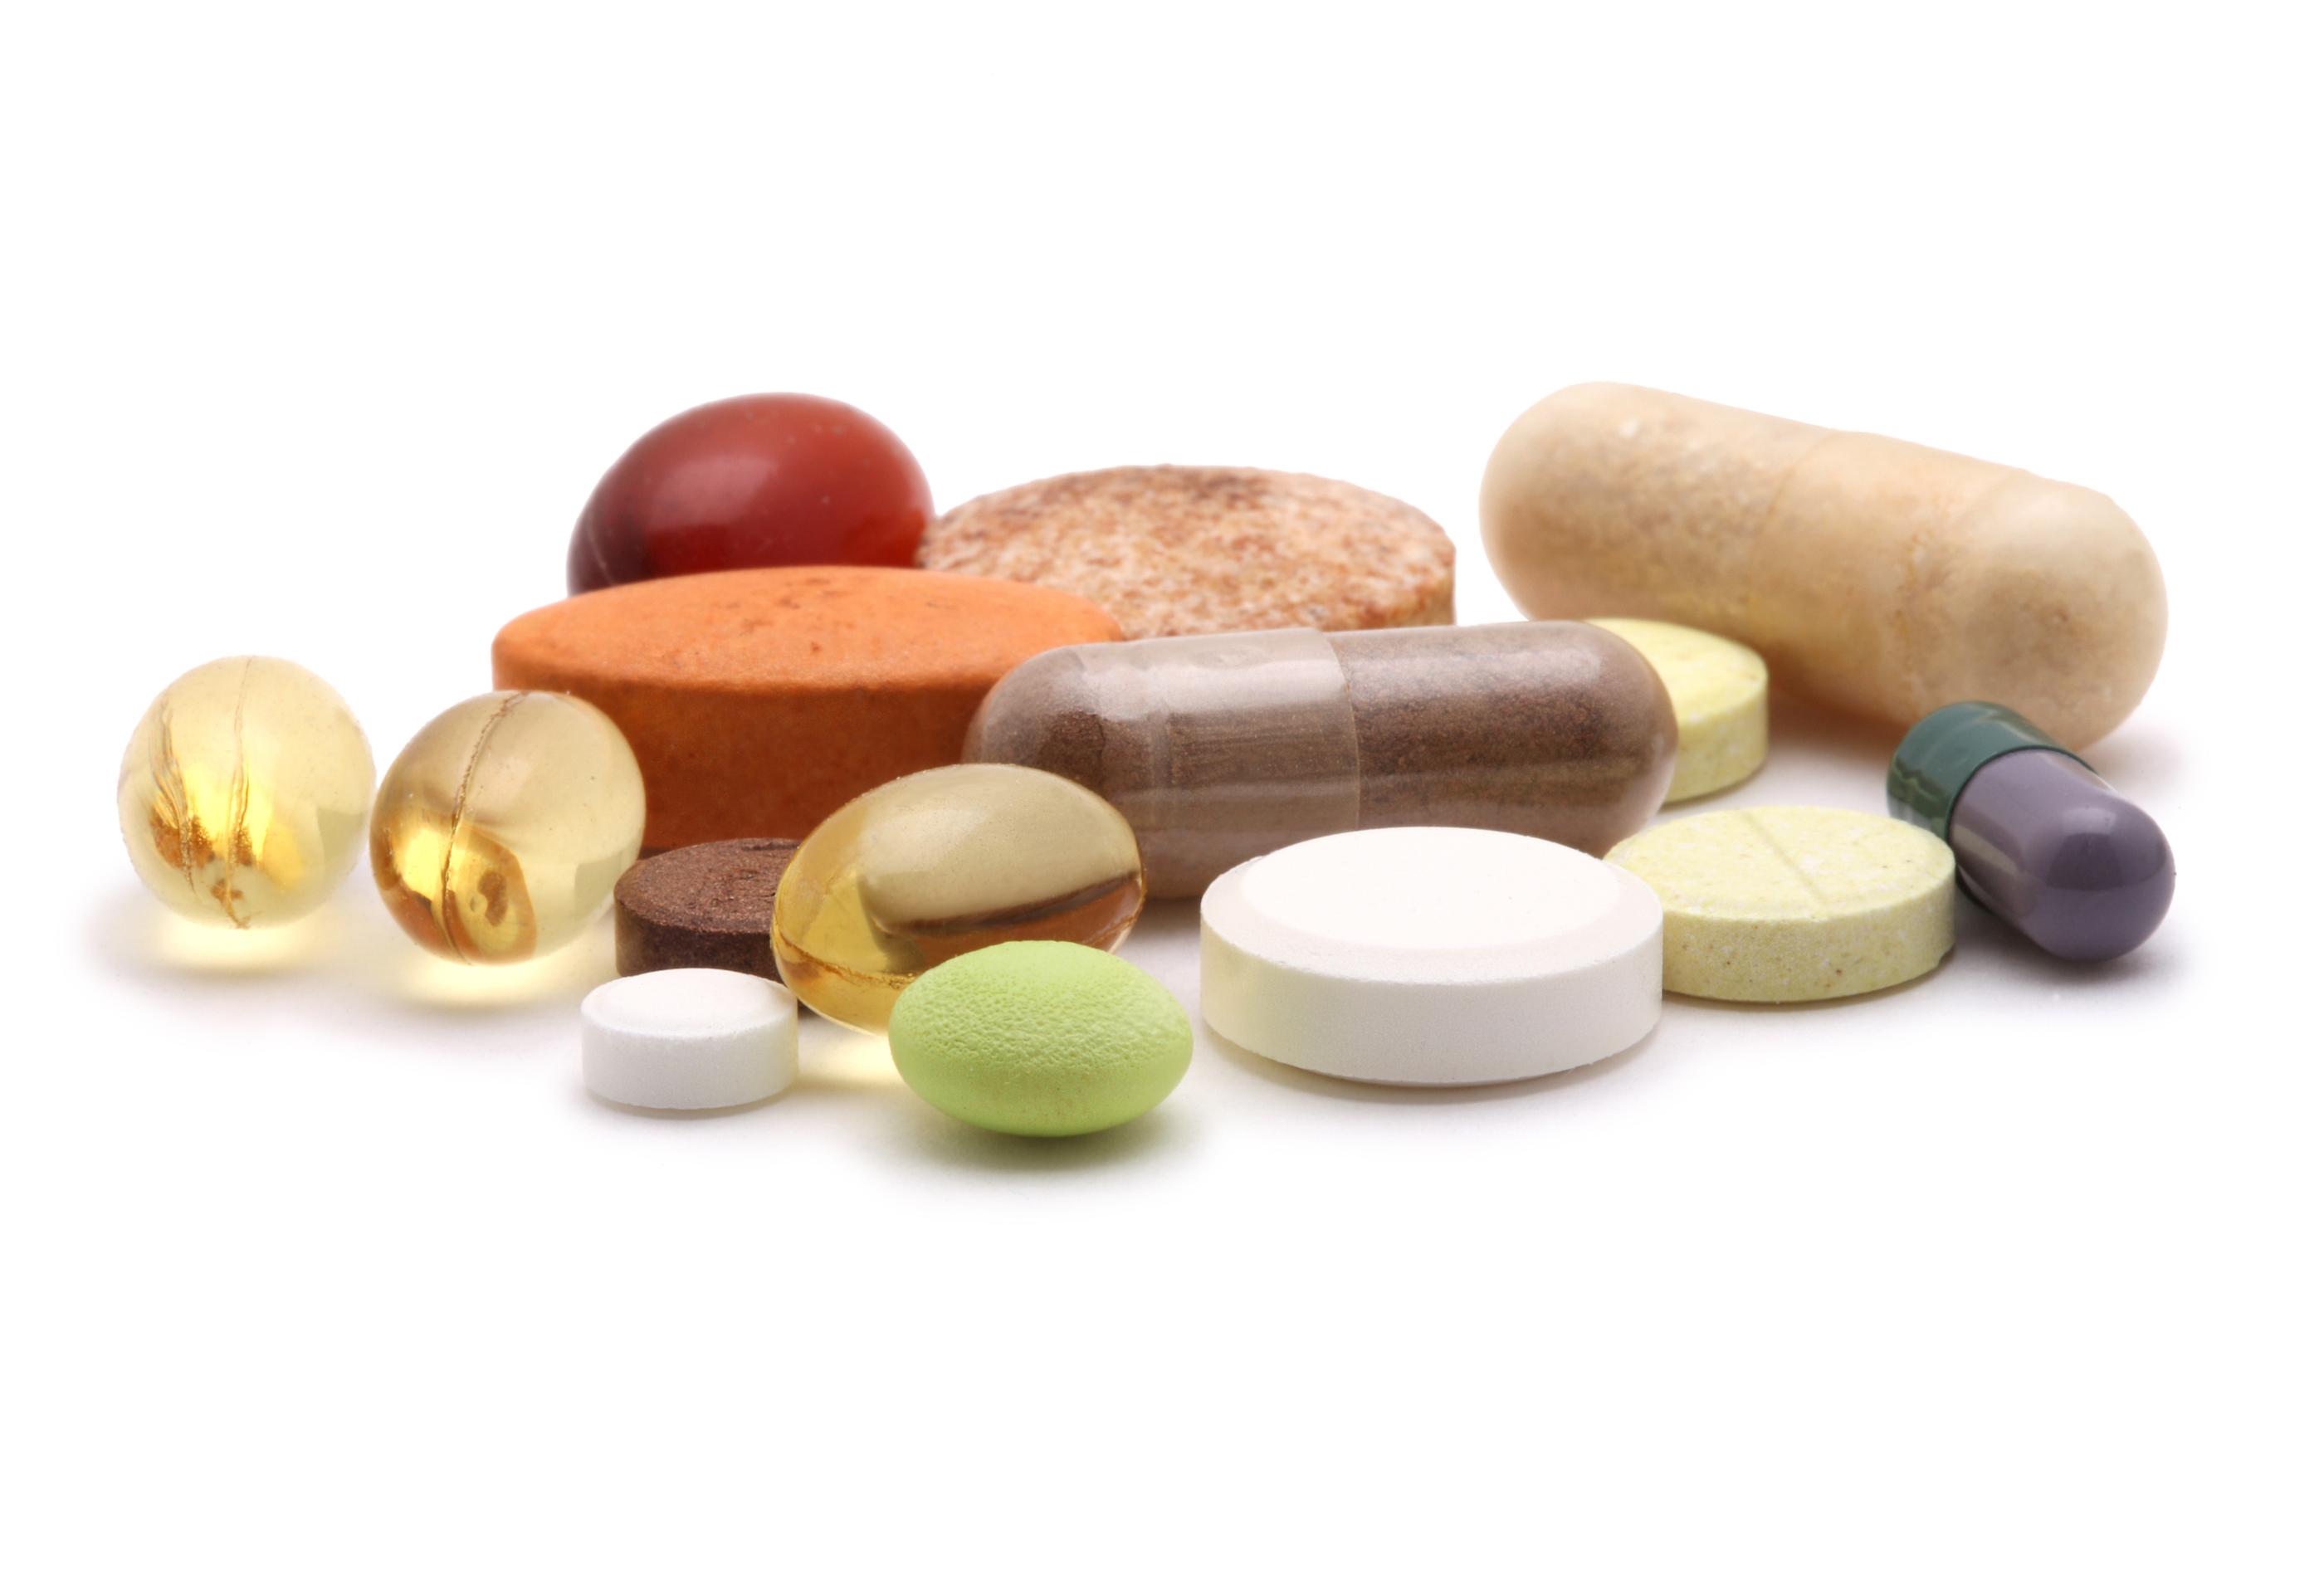 И медикаментов совместимость диеты